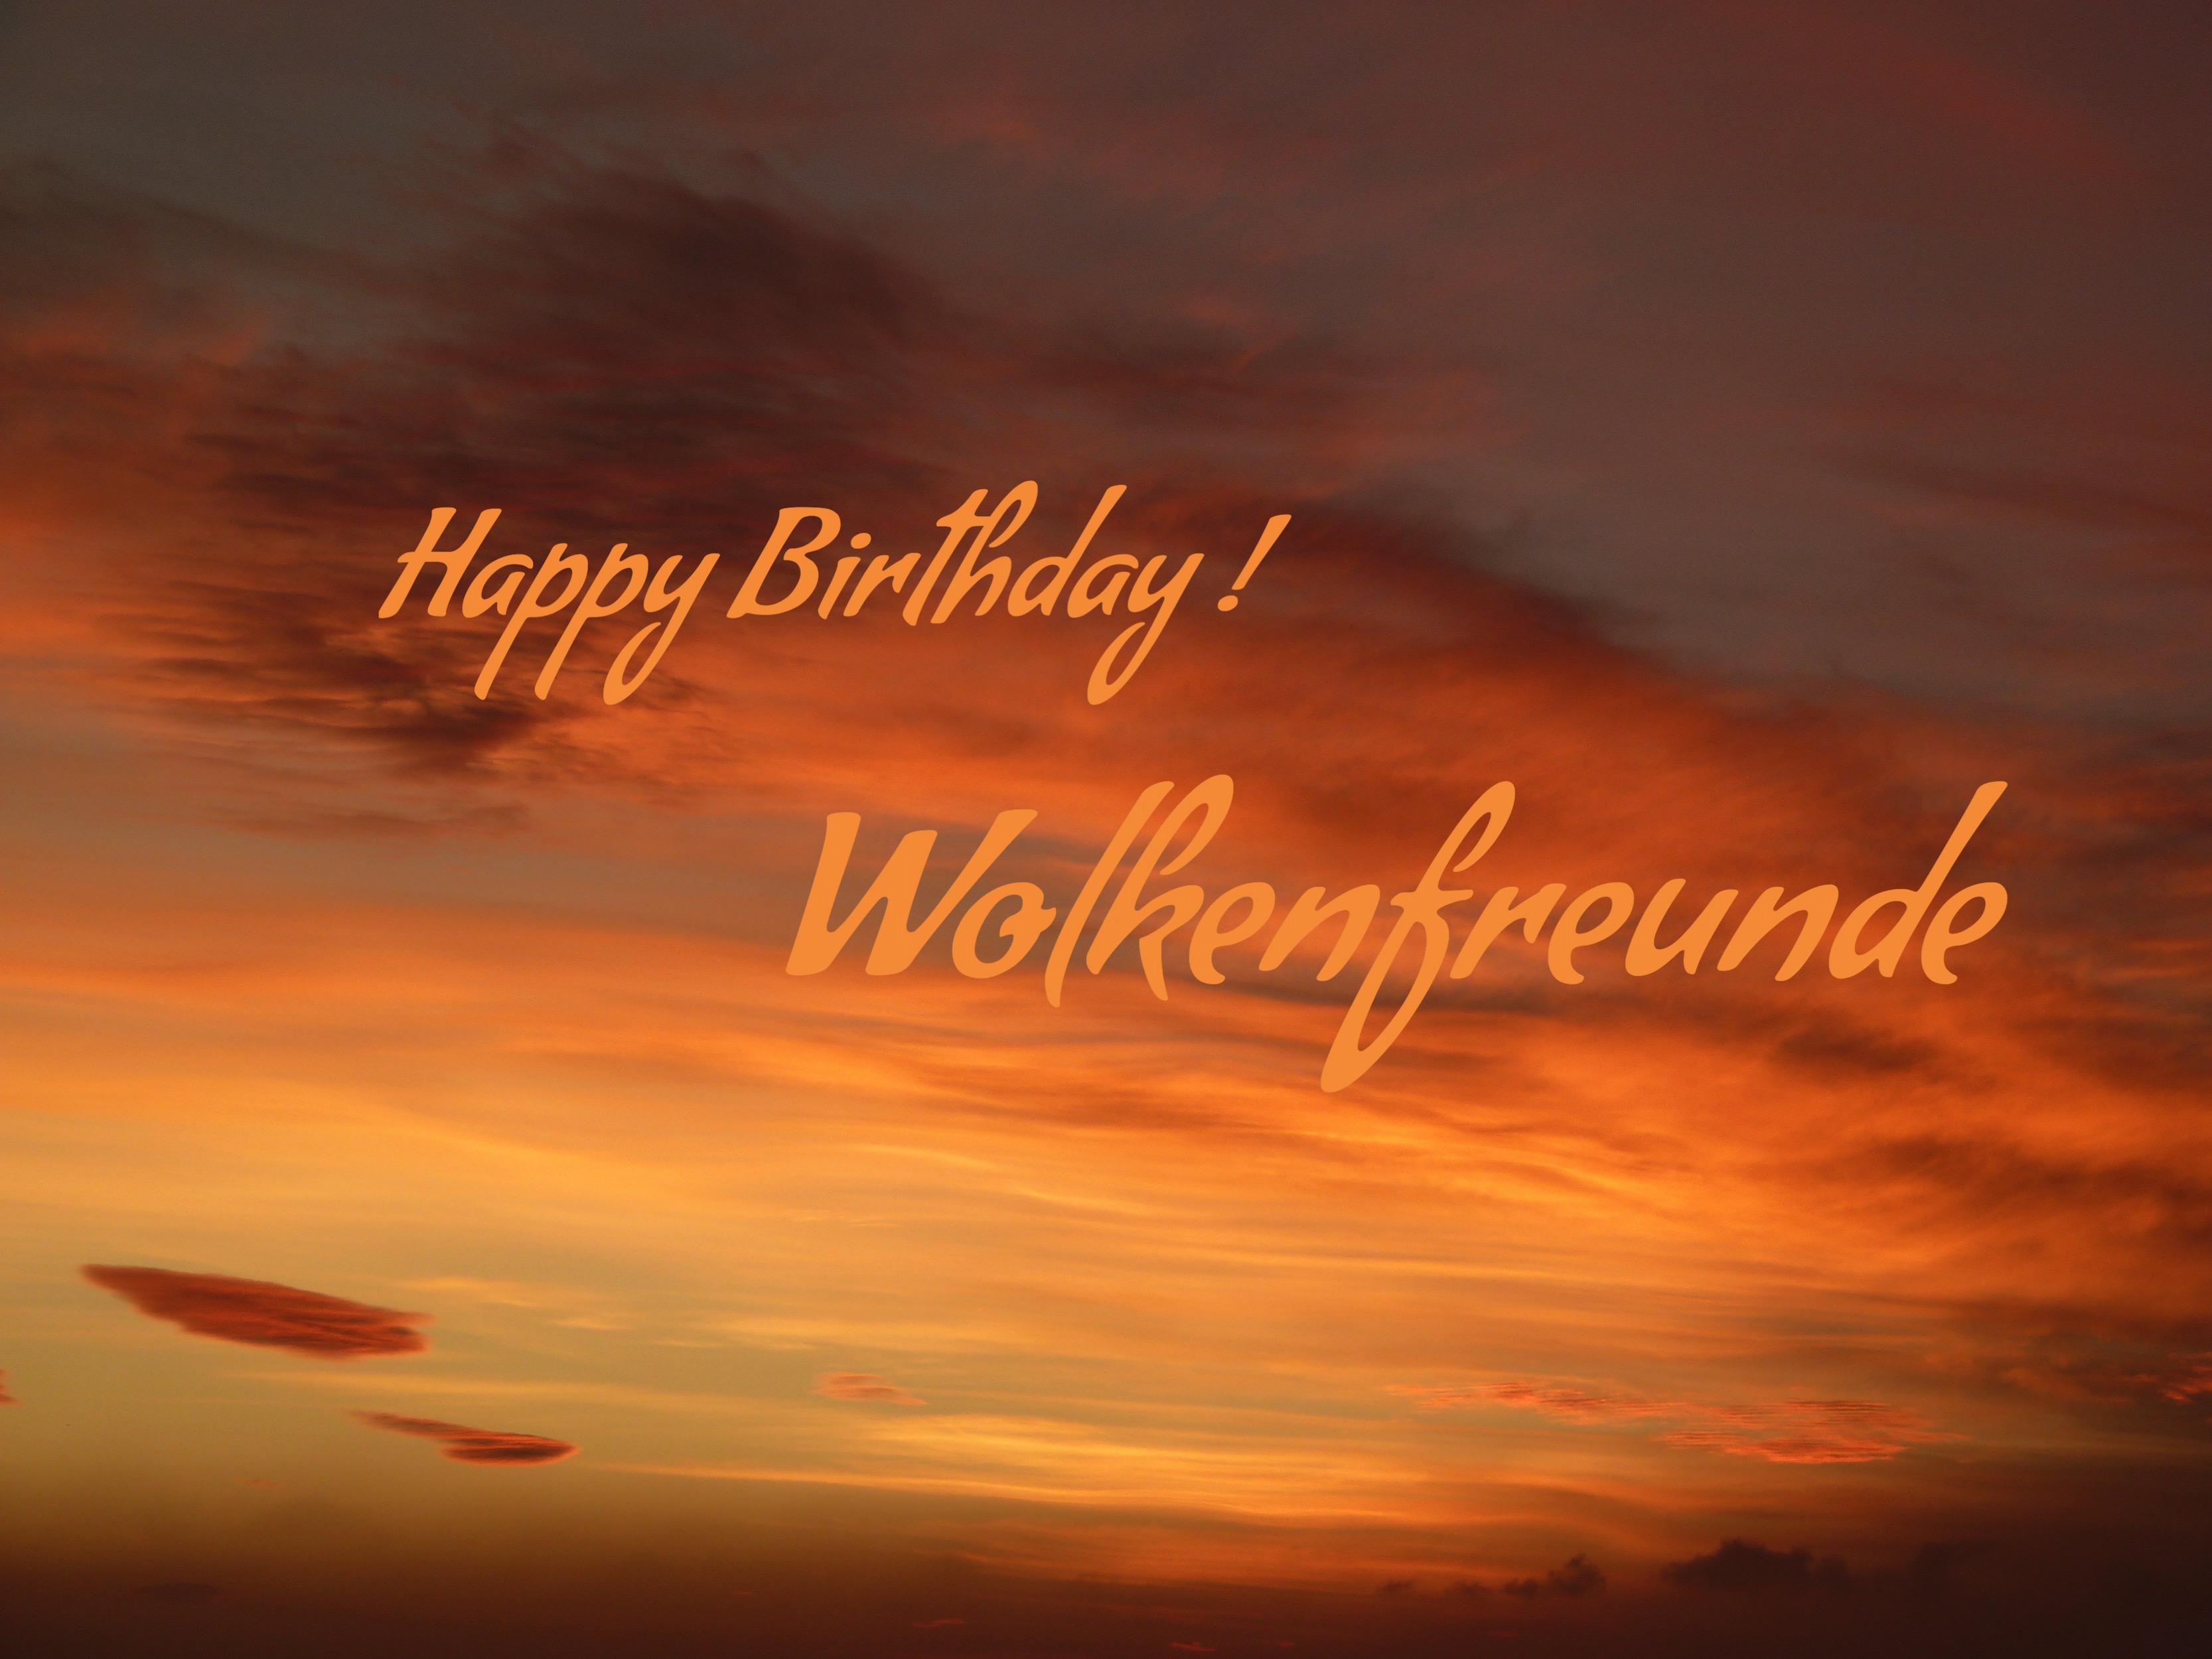 Happy Birthday Wolkenfreunde & Verlosung als Dankeschön !